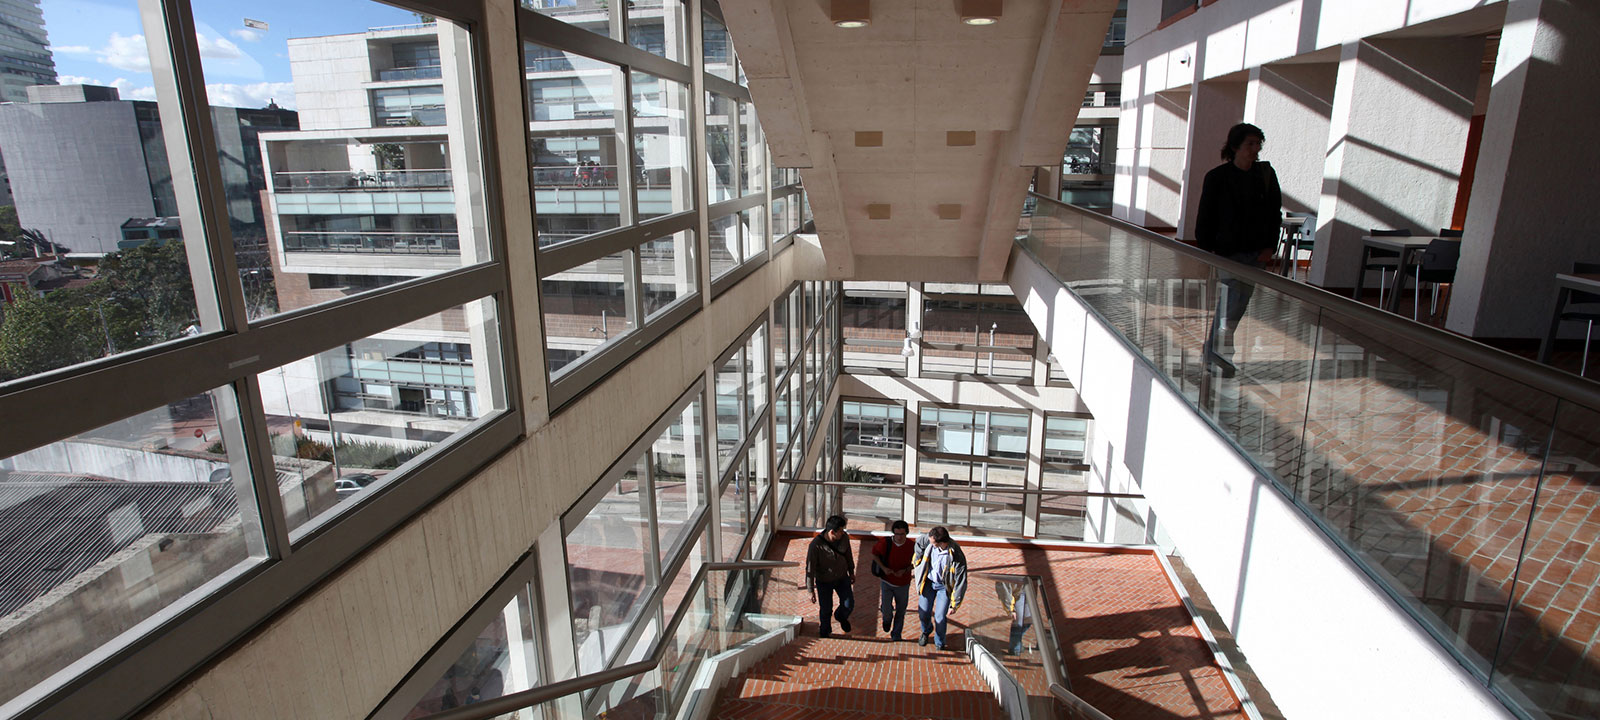 Ley de transparencia Universidad de los Andes